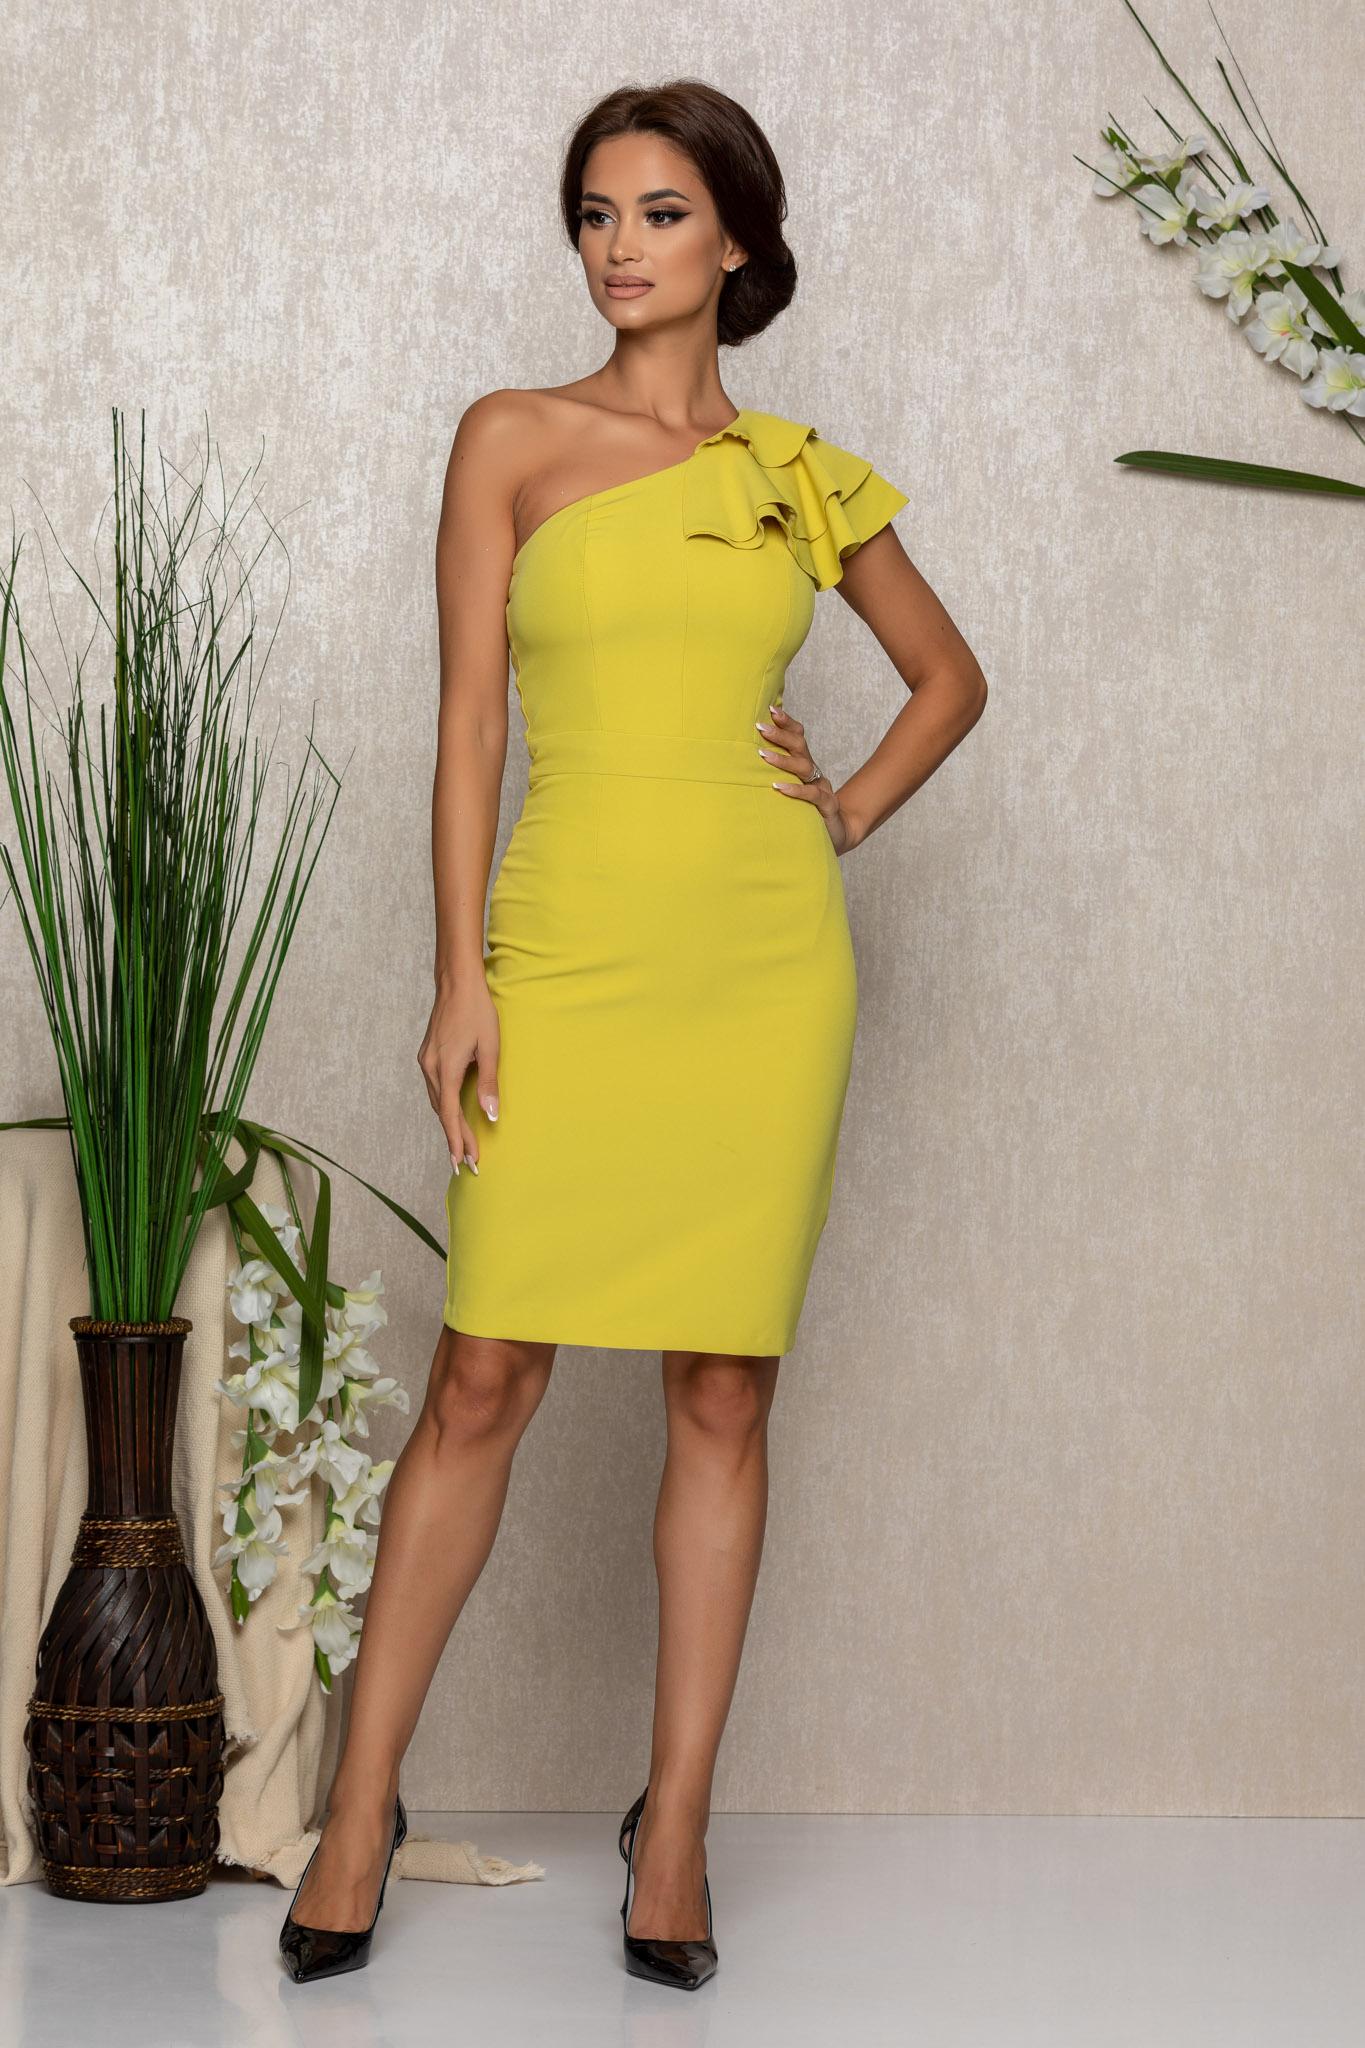 Rochie Moze Claudia Lime Marimi Mari S (36)   M (38)   L (40)   XL (42)   XXL (44)   3XL (46)